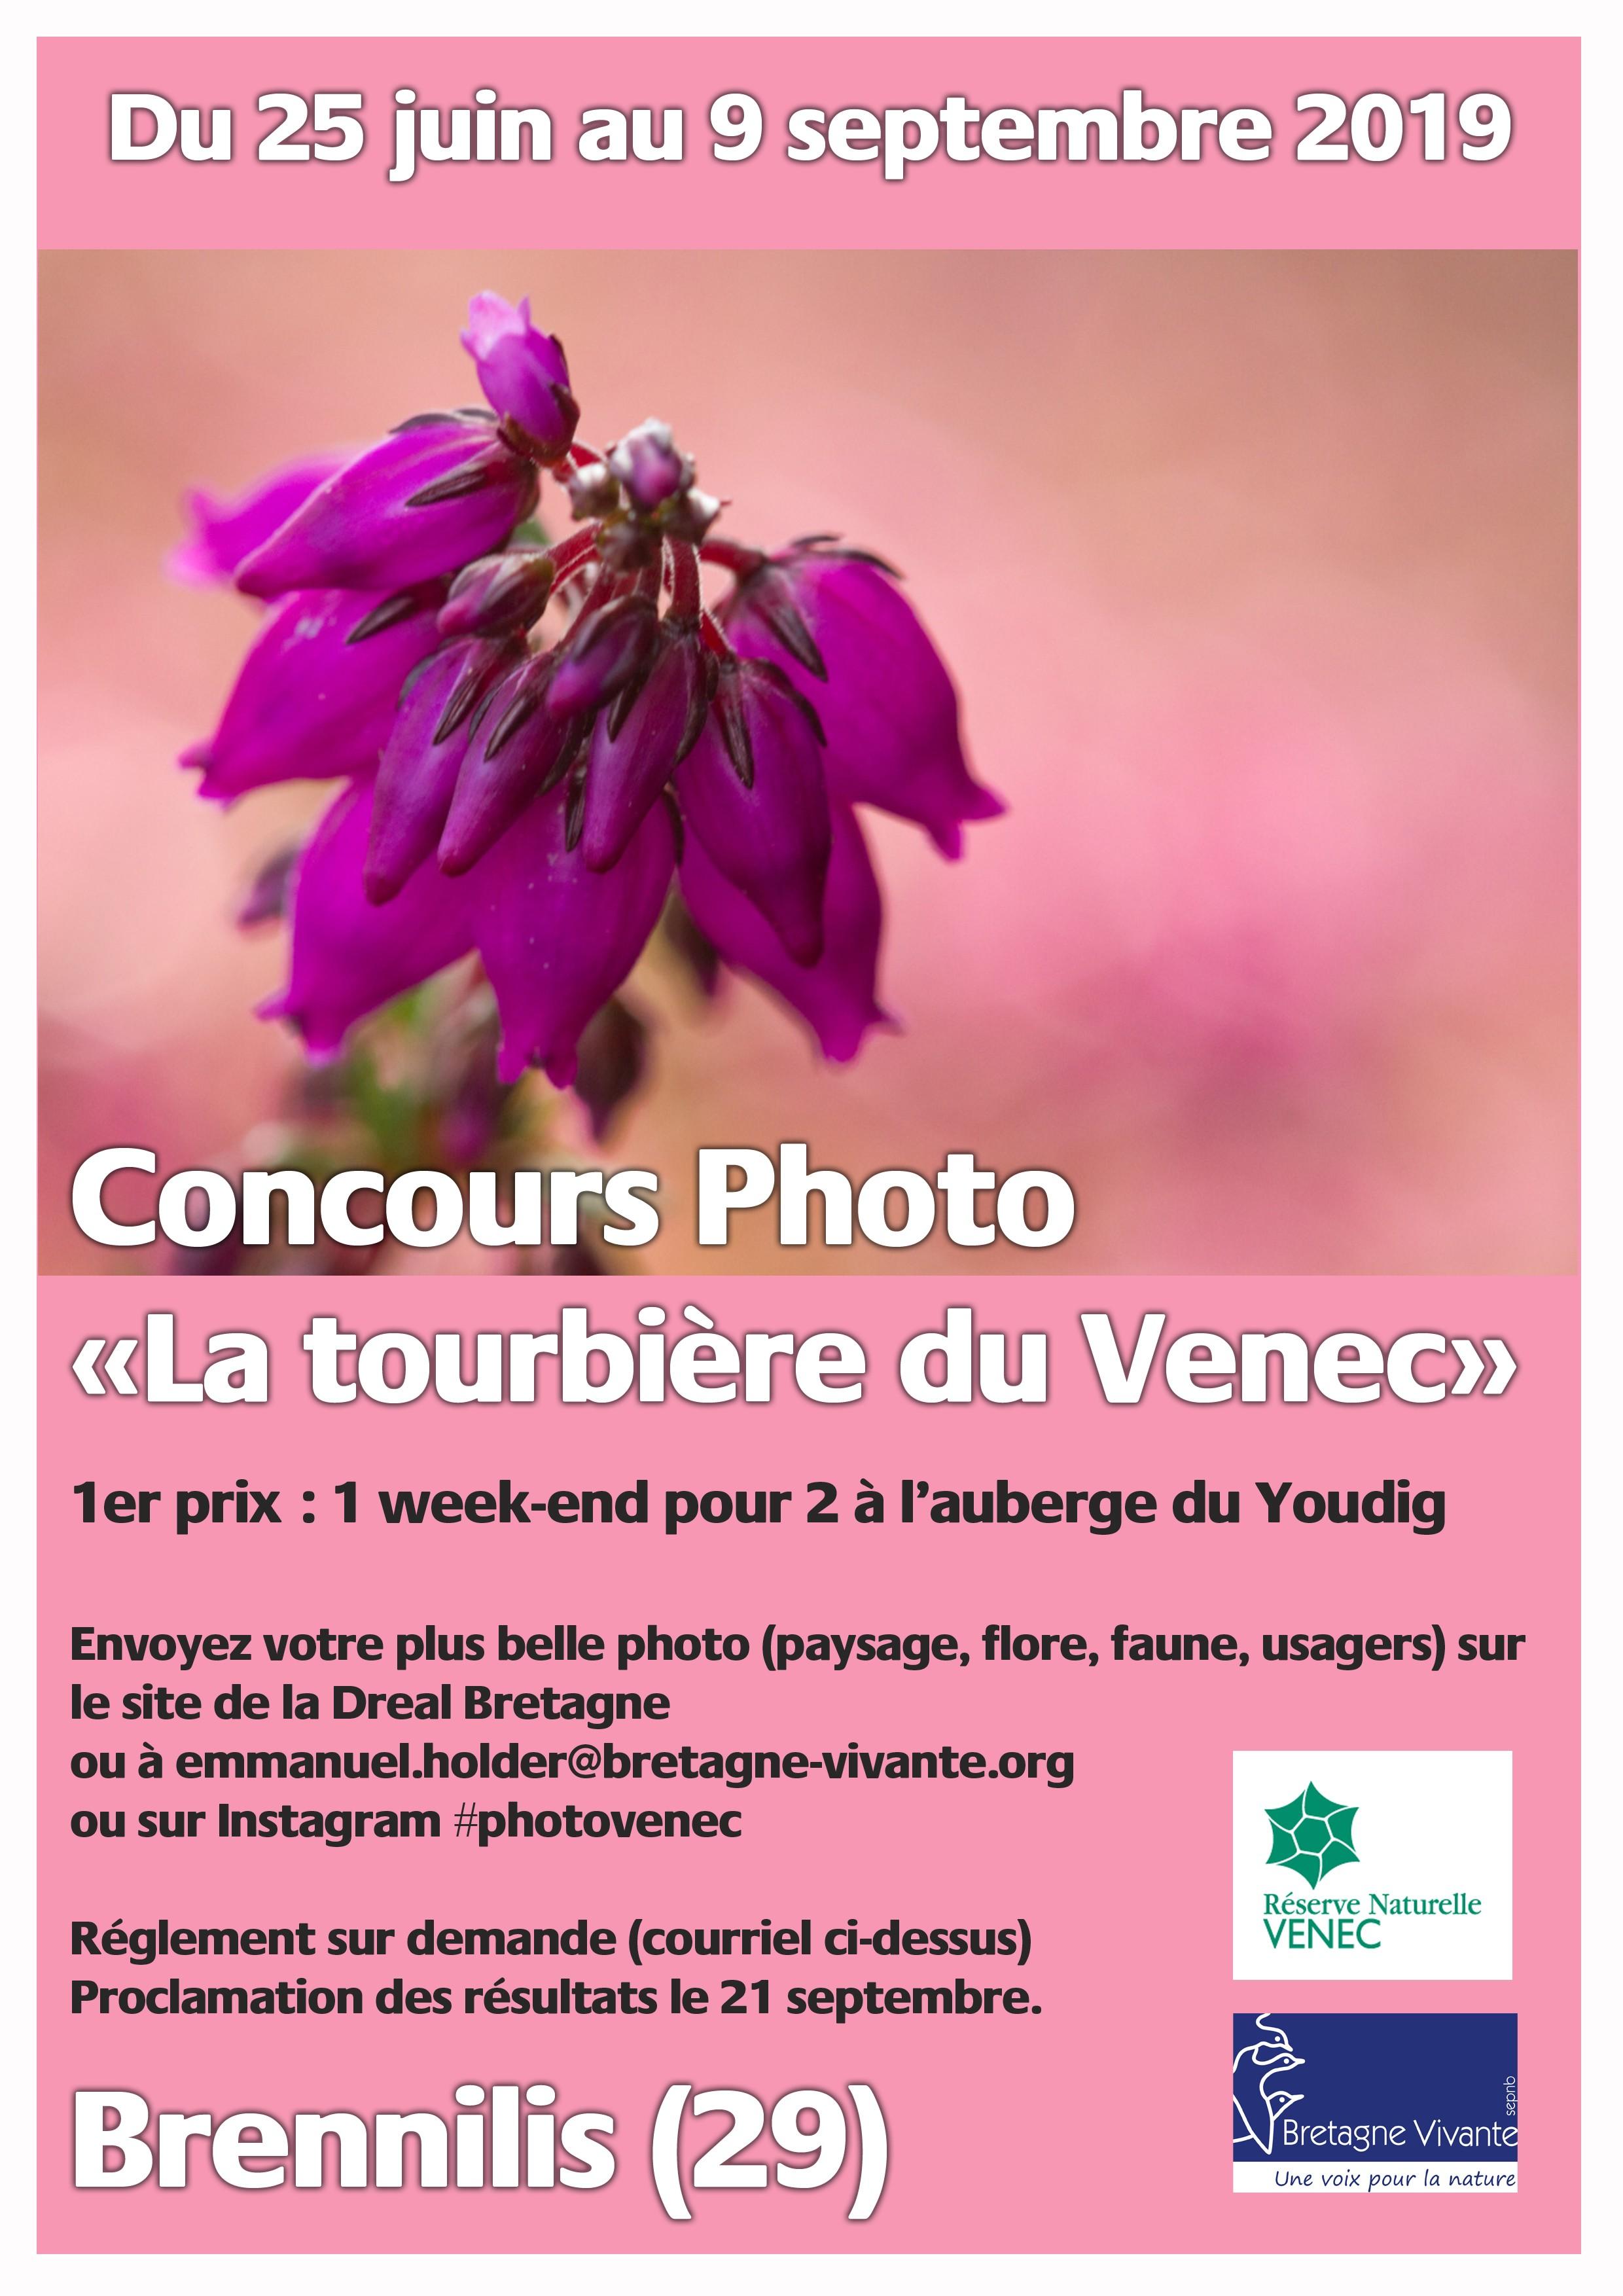 Un concours photo pour la tourbière du Venec à Brennilis (29)